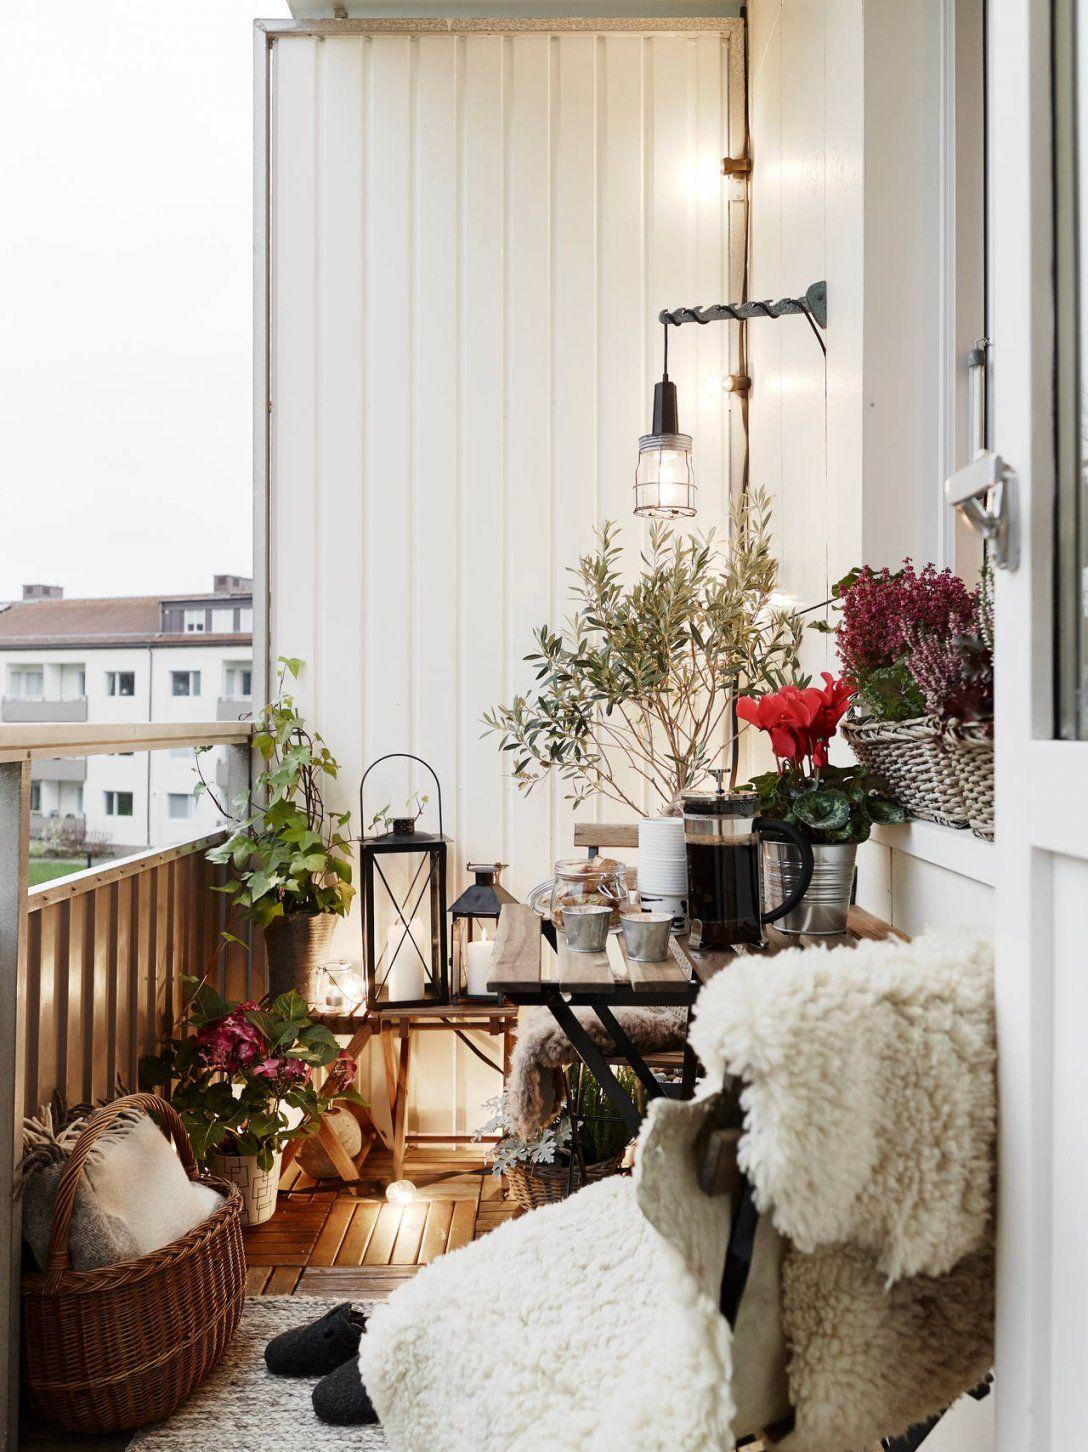 kleine balkone gestalten der kleine balkon mit blick ins grne hatte eine frischekur dringend. Black Bedroom Furniture Sets. Home Design Ideas